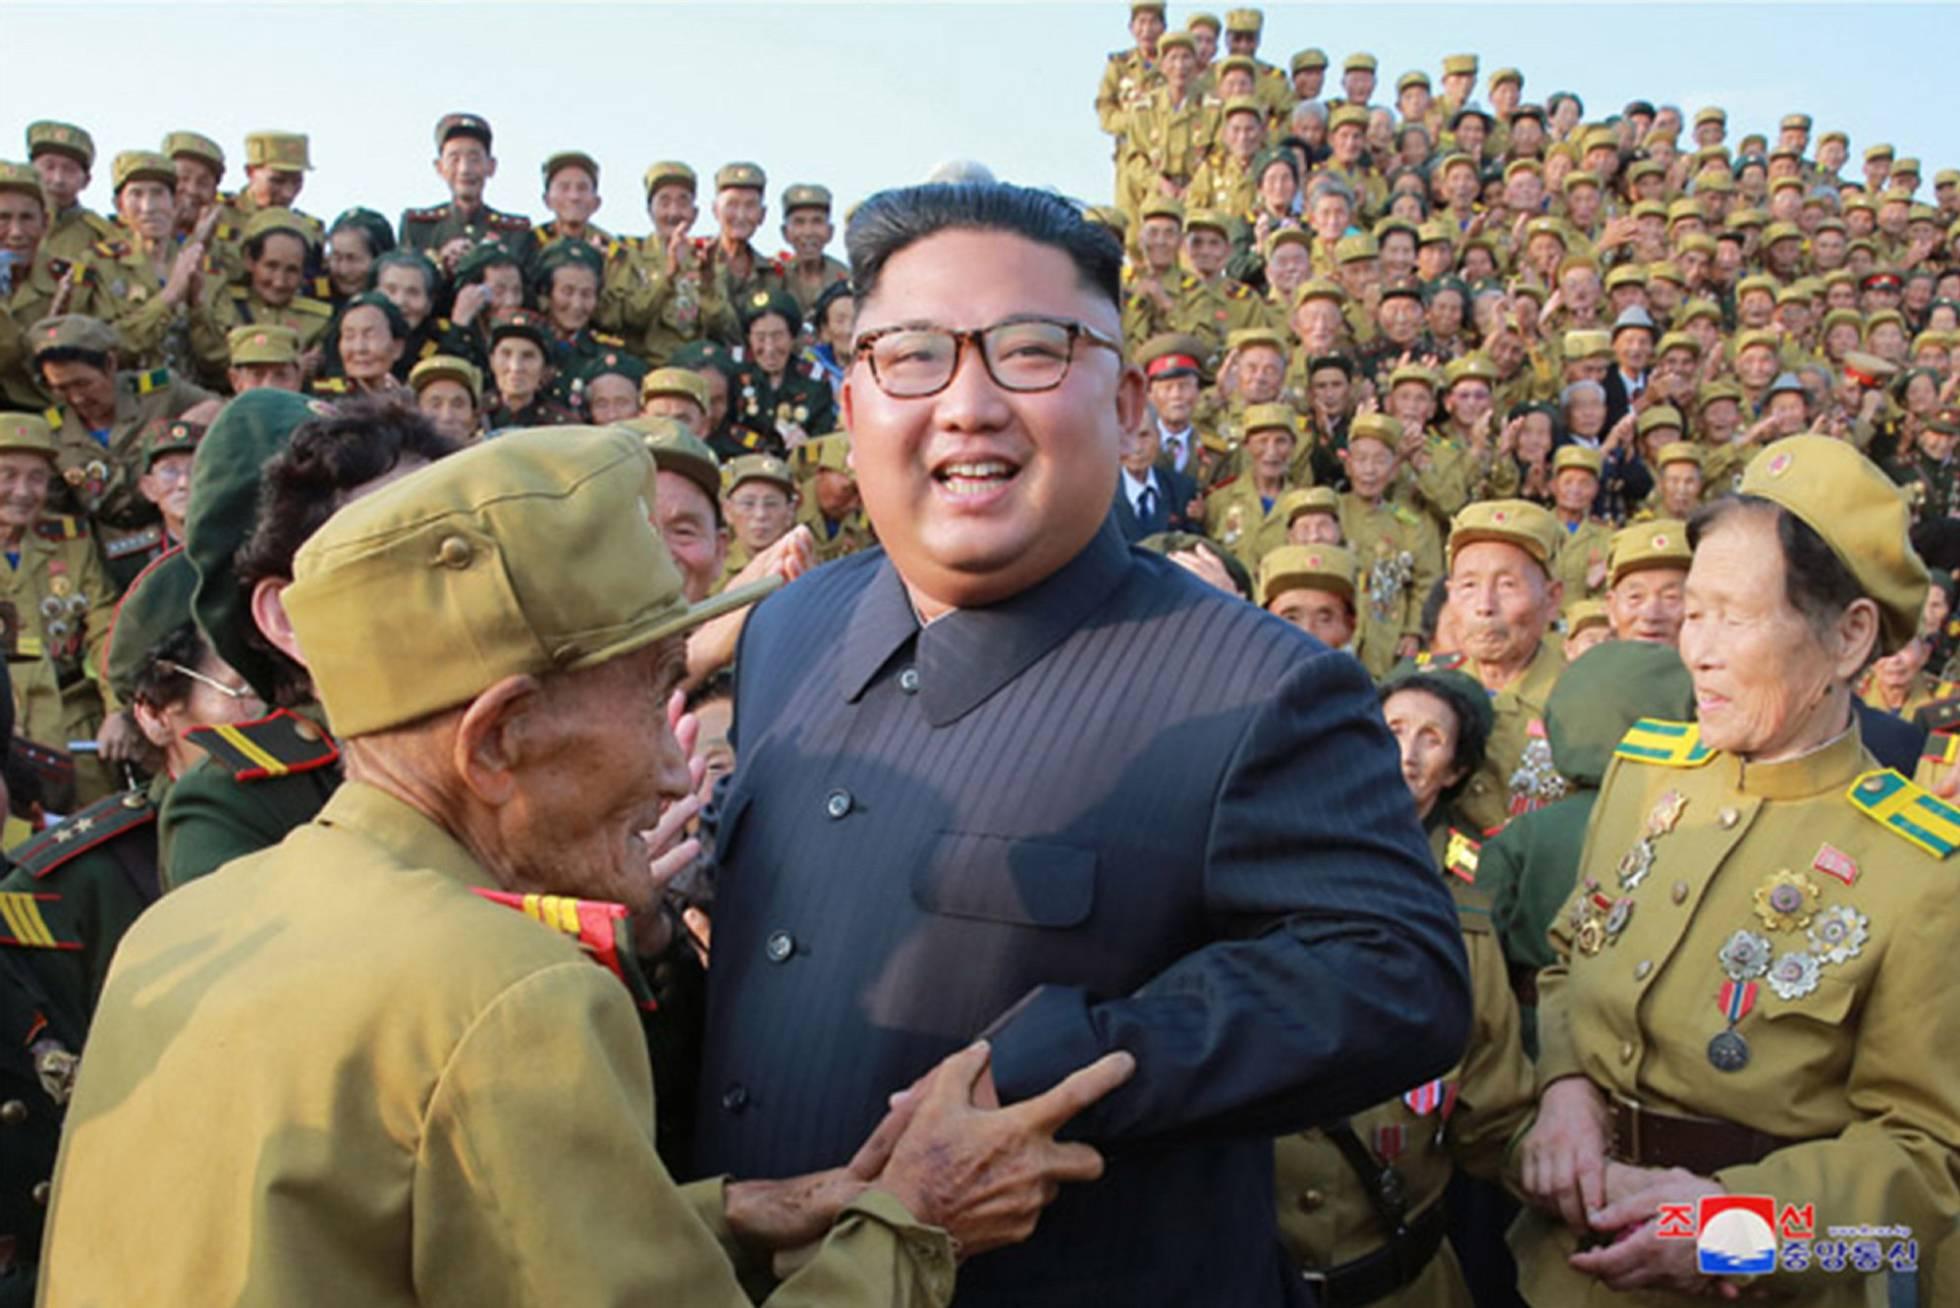 El espionaje de EE UU descubre que Corea del Norte desarrolla nuevos misiles